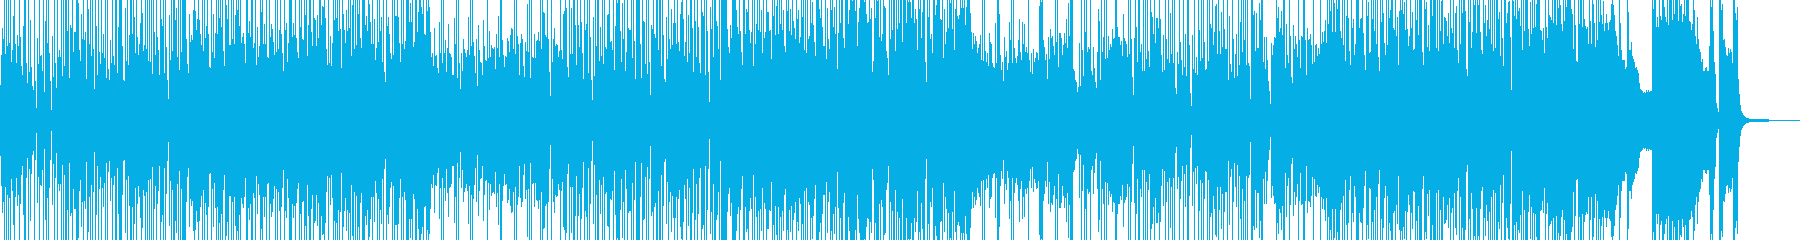 ドライブしたくなるジャズポップスの再生済みの波形